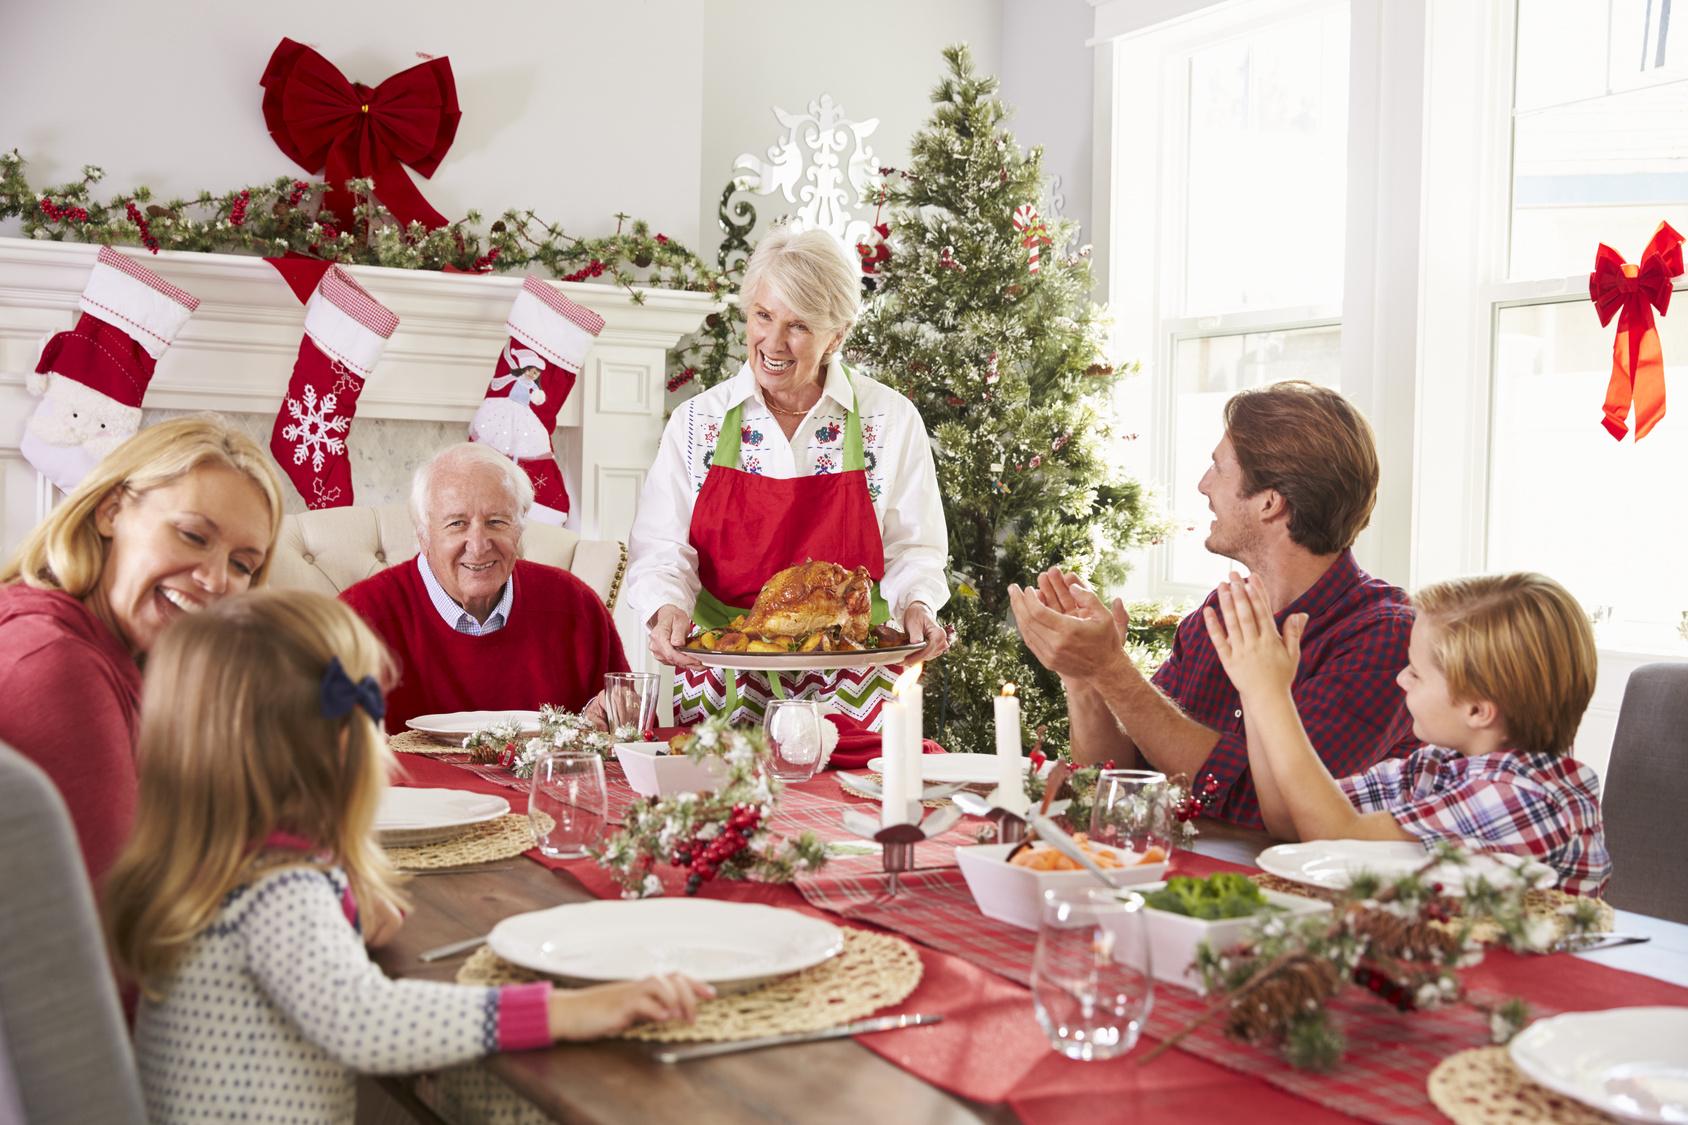 habitos saludables en navidades